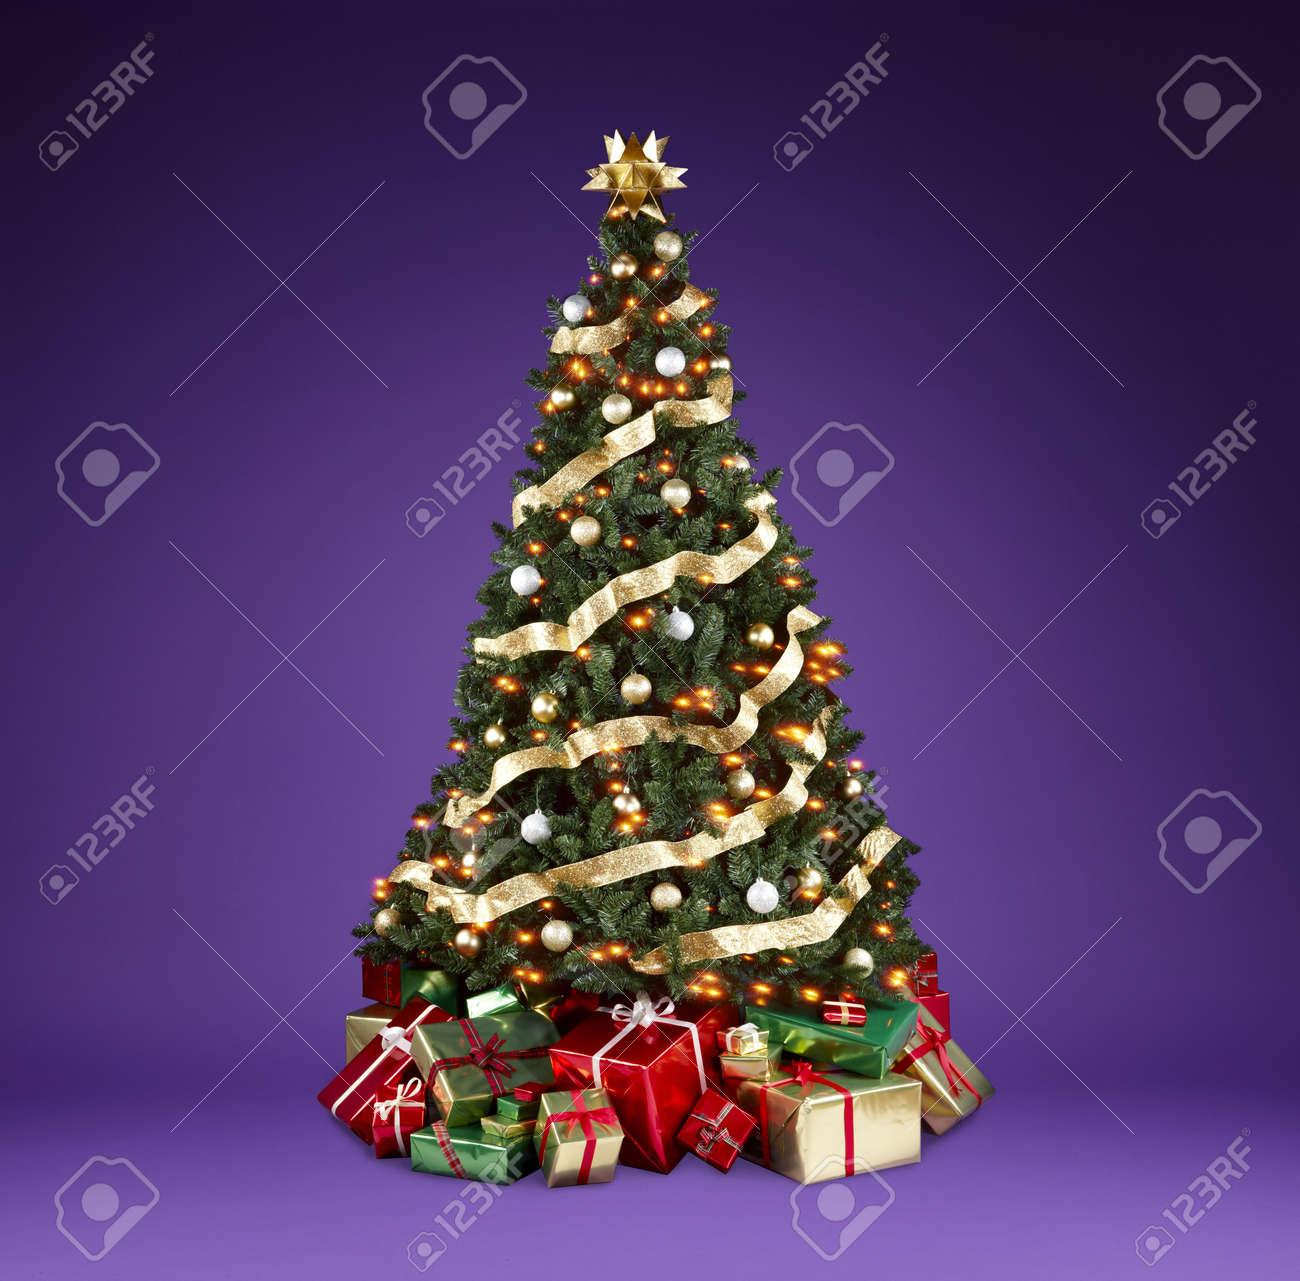 Bellamente Decorado De Arboles De Navidad Con Luces Cintas Y - Fotos-arboles-de-navidad-decorados